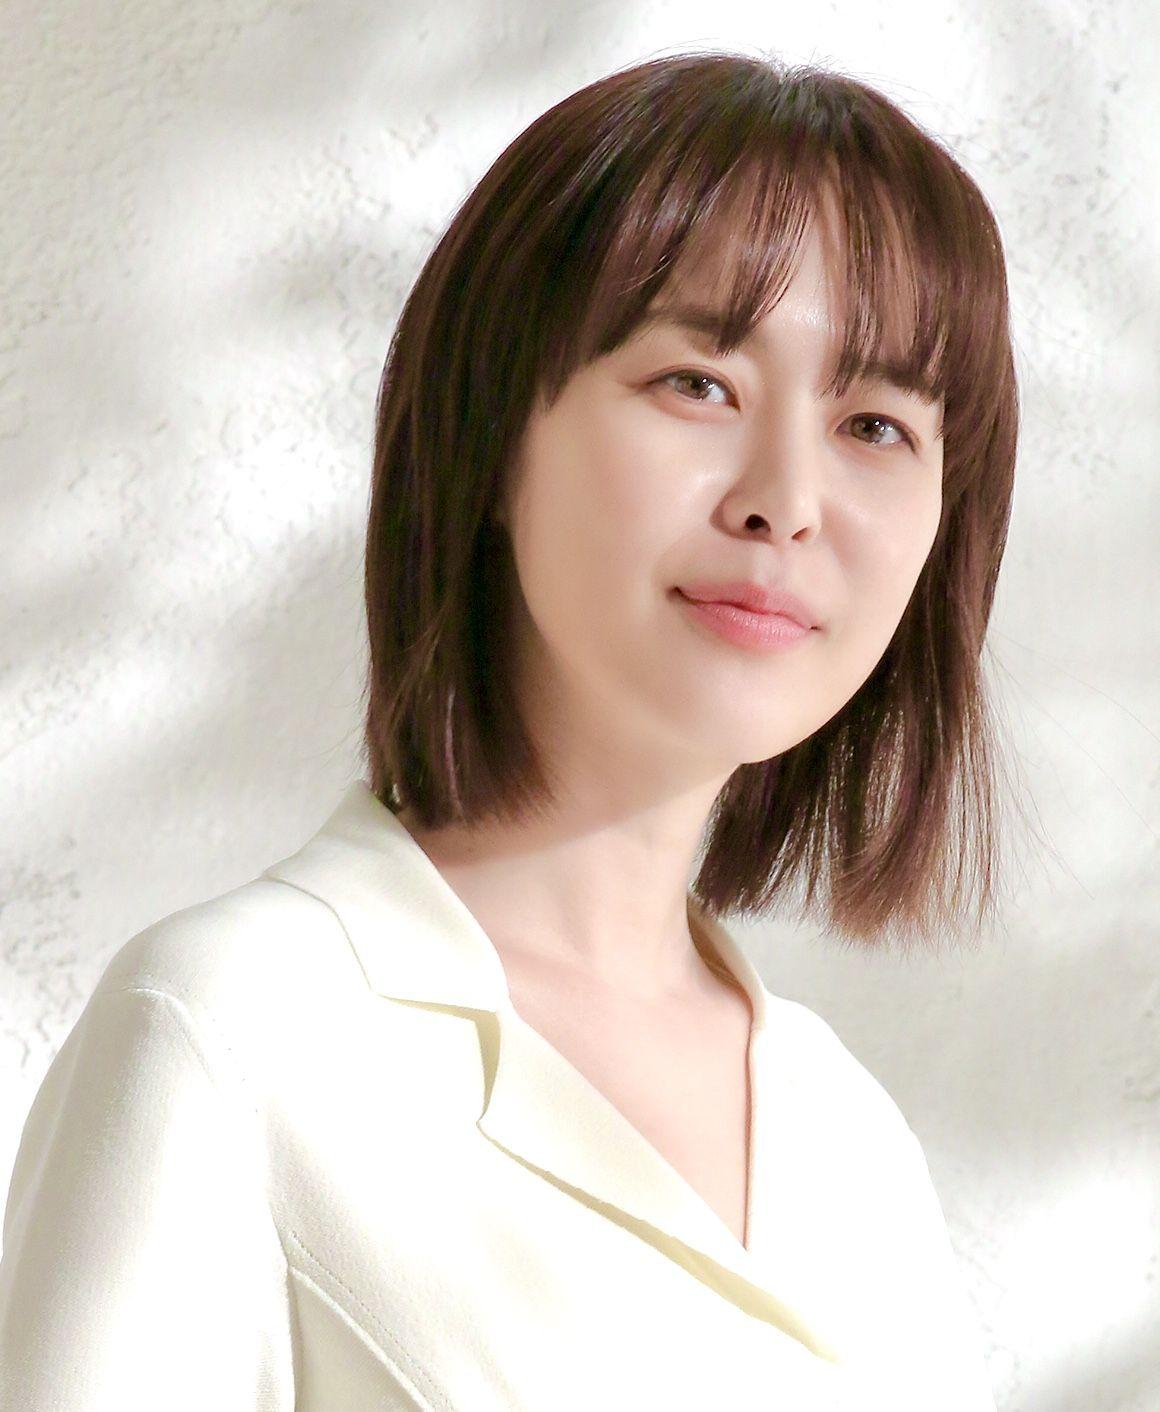 Nữ diễn viên Lee Ha Na là ai